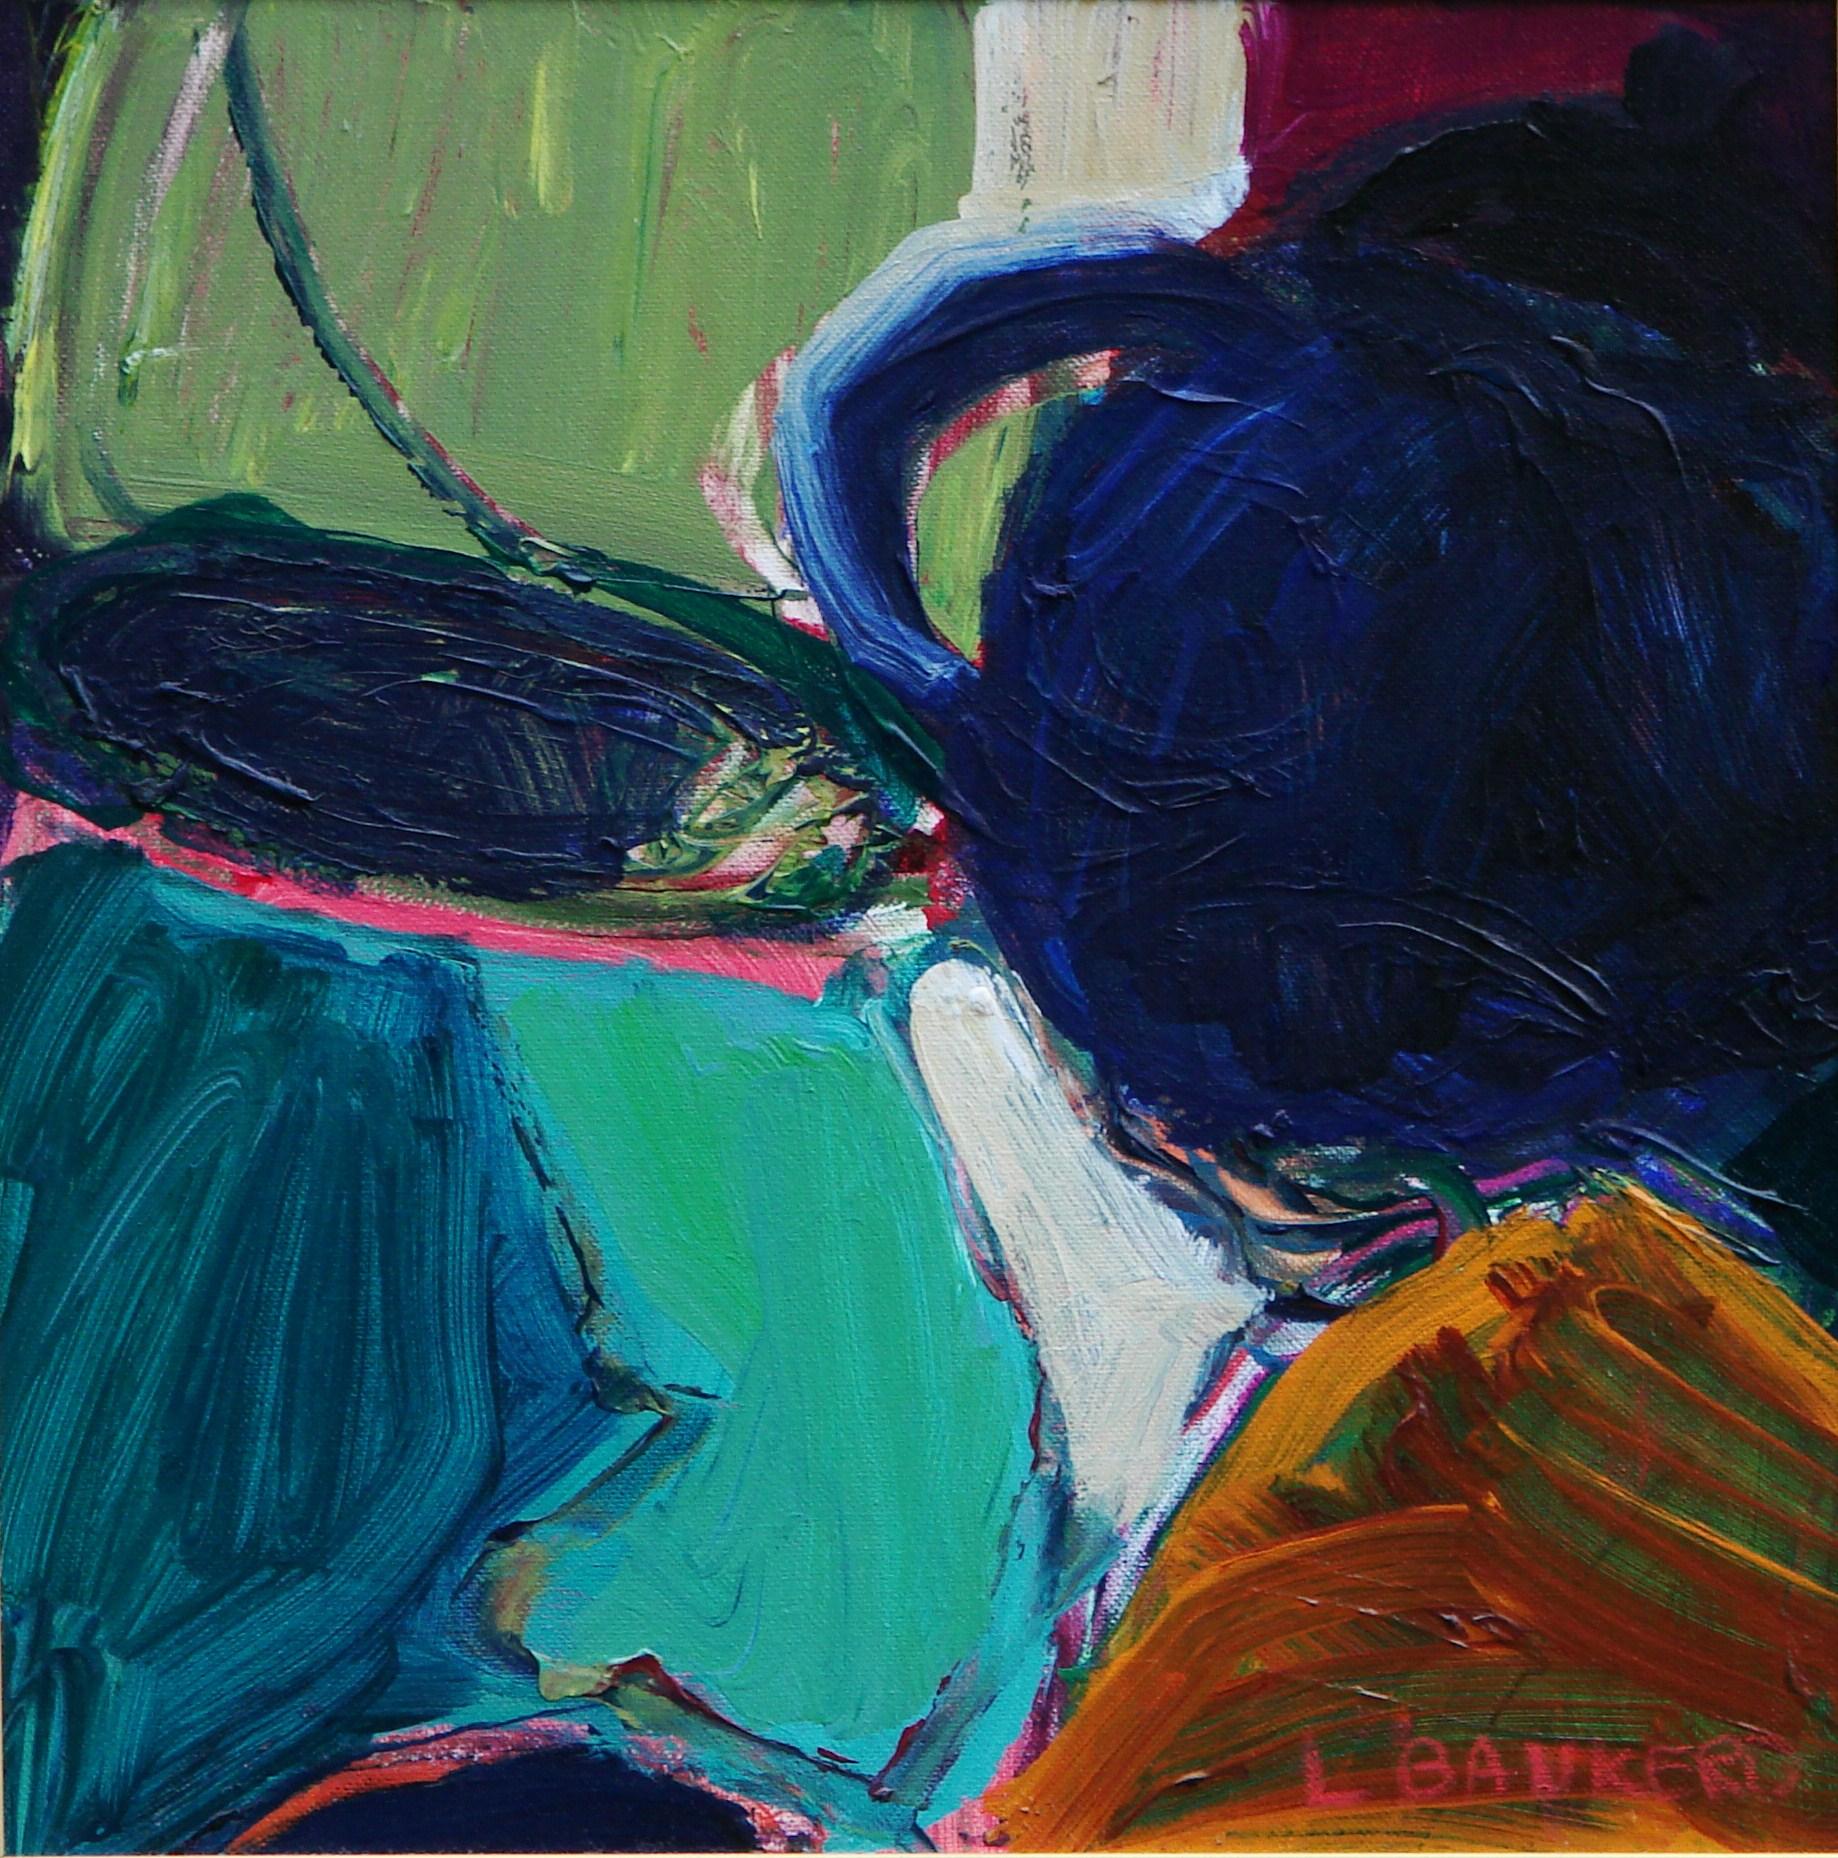 Bluegreen Pot Blue Teapot - 12x12